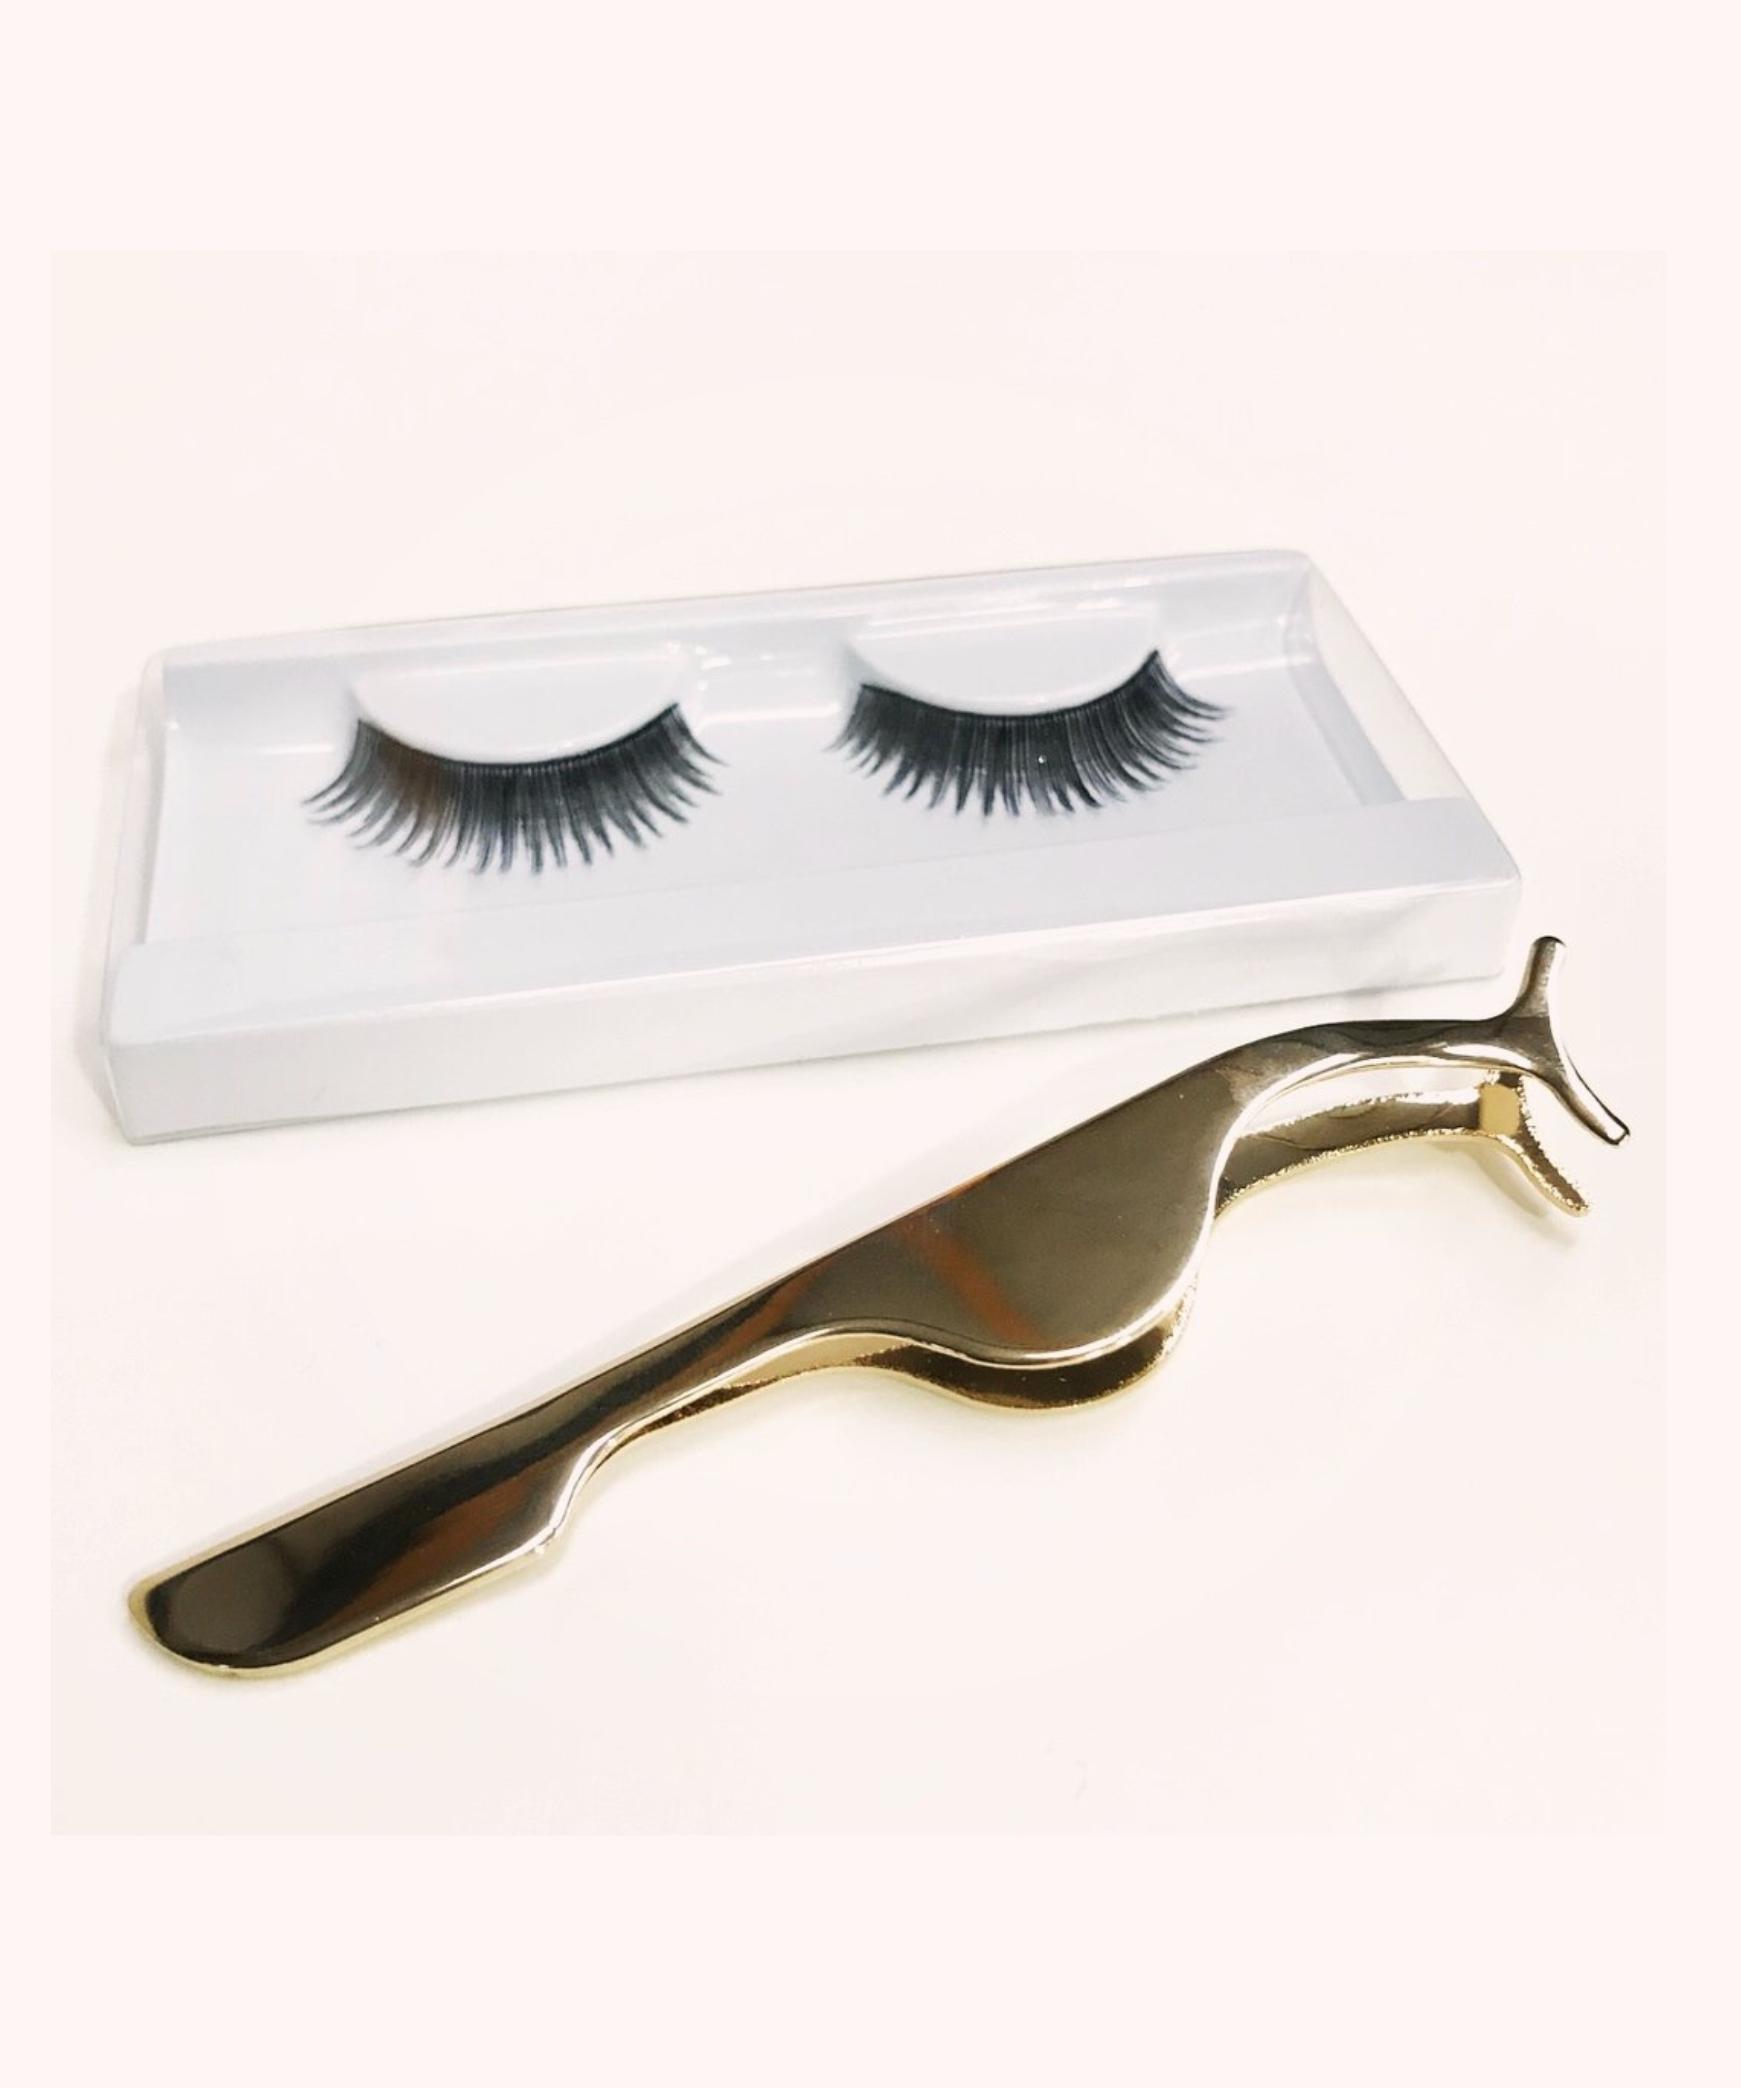 Eyelash Applicator Lure Beauty